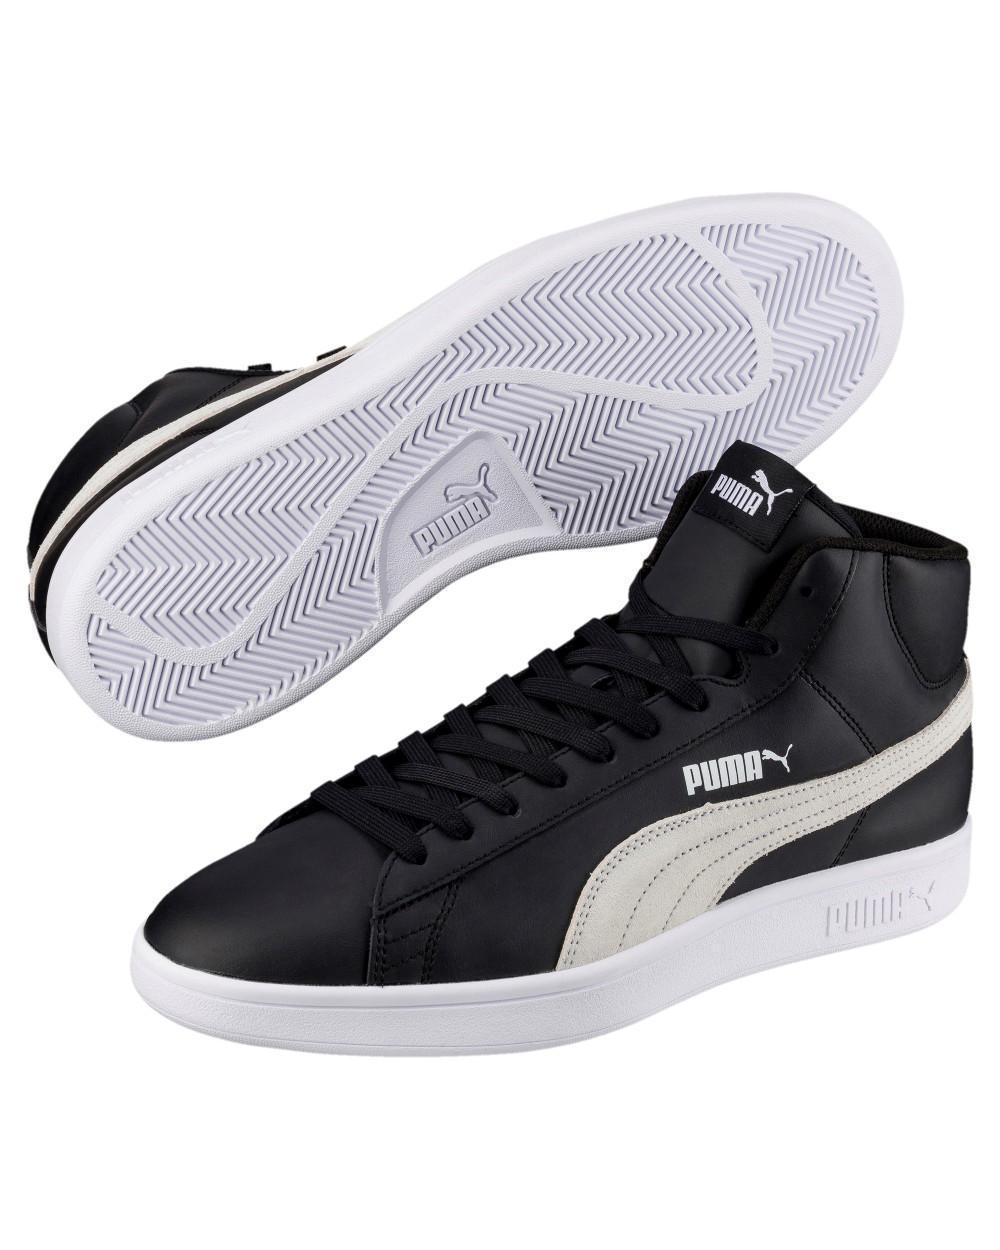 Puma-Scarpe-Sneakers-Sportive-Sportswear-SMASH-V2-L-Mid-2018-19-Nero-Uomo